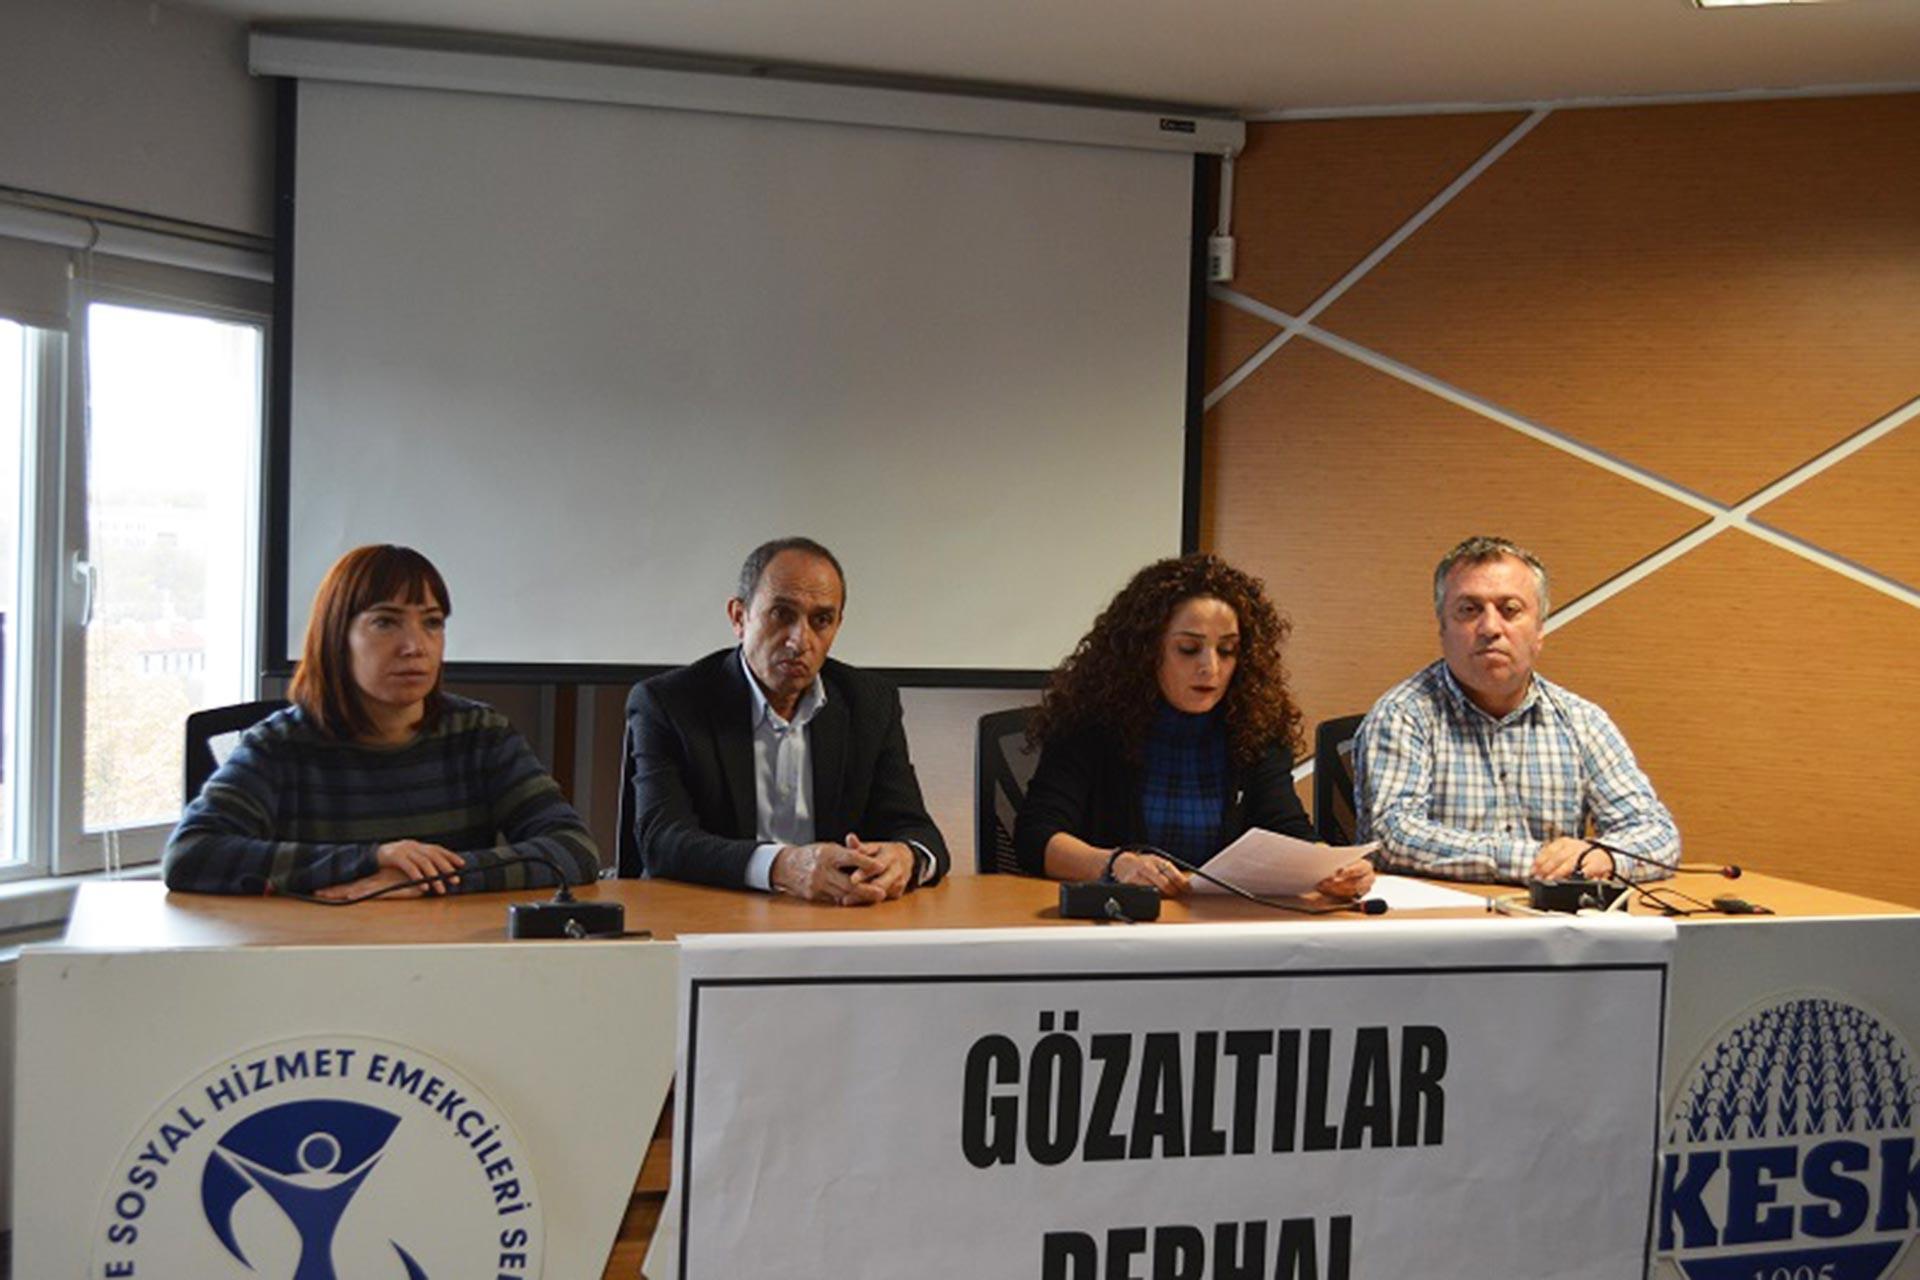 Yapılan gözaltılara dair KESK üyesi emekçiler basın açıklaması yaparken